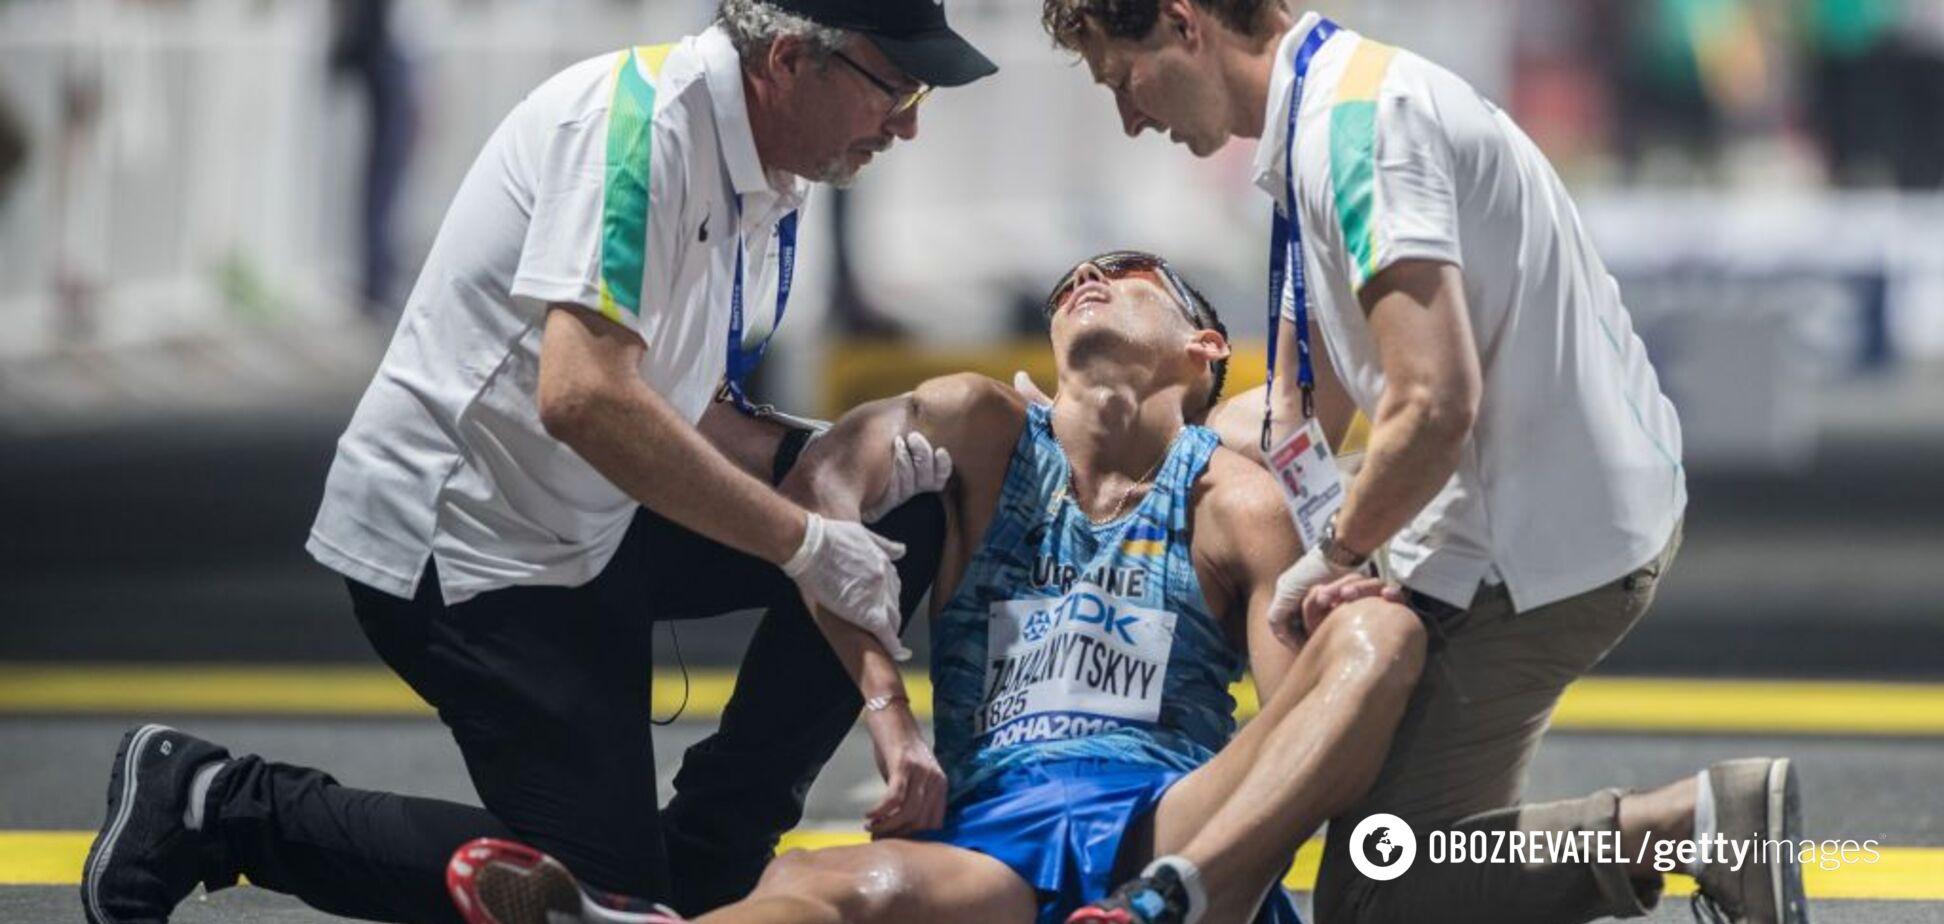 Чемпиона Европы из Украины после финиша увезли в реанимацию: что случилось